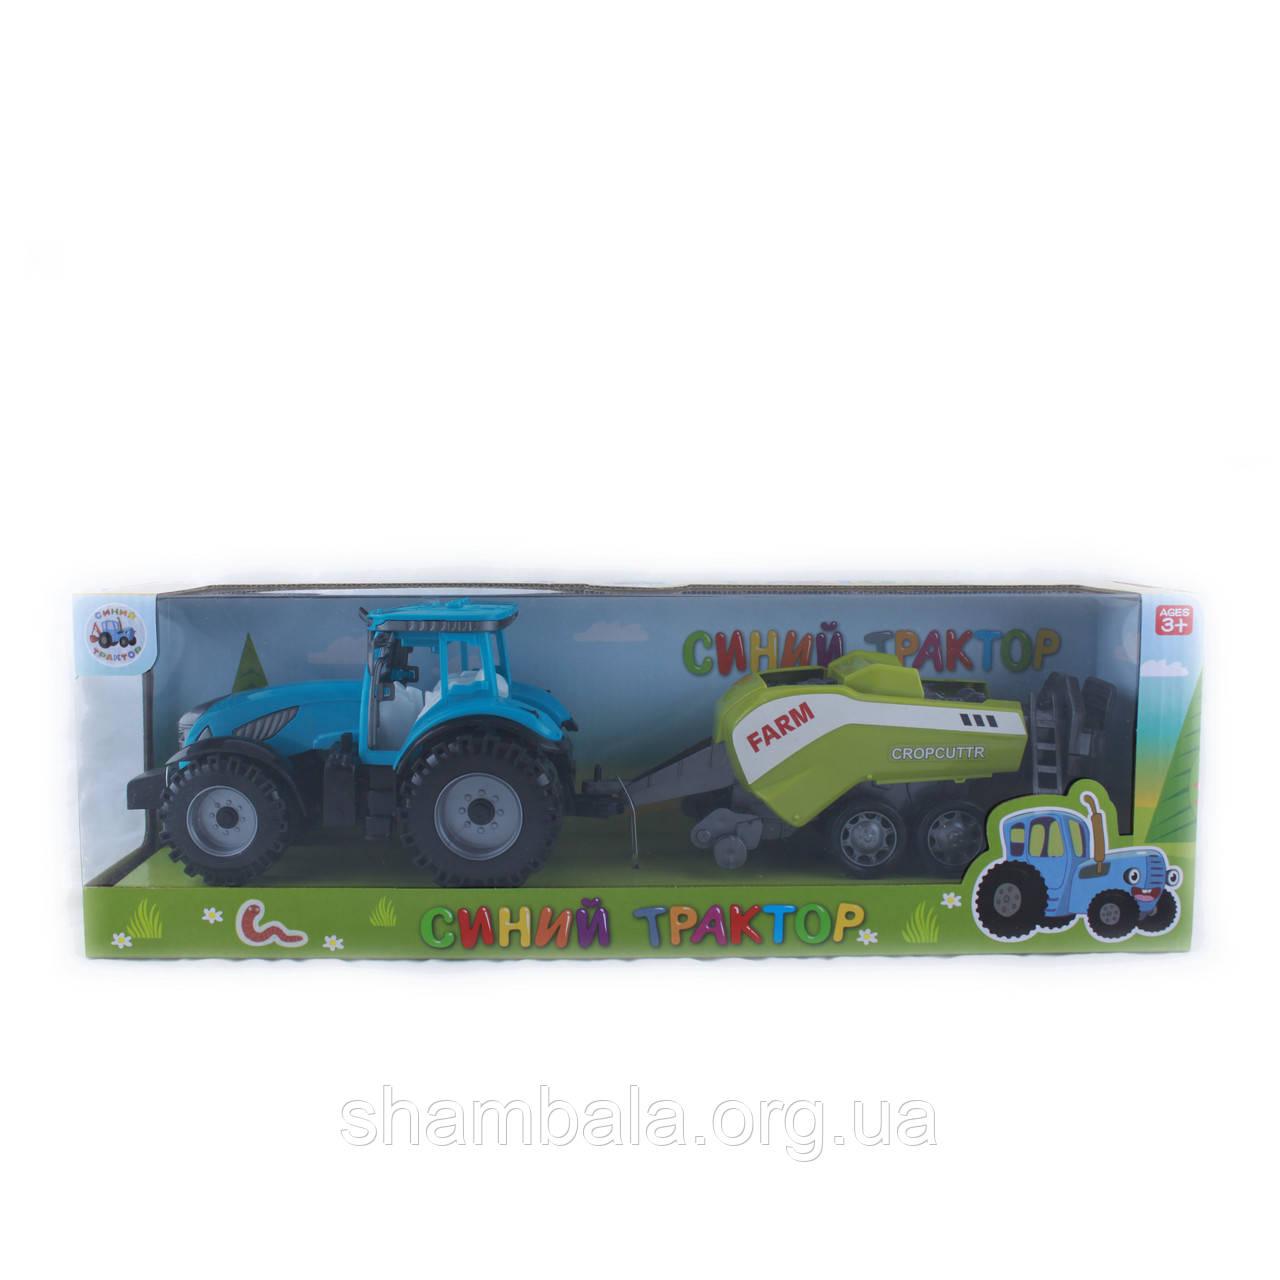 Синий трактор с прицепом, инерционный механизм, звуковой эффект (95899)